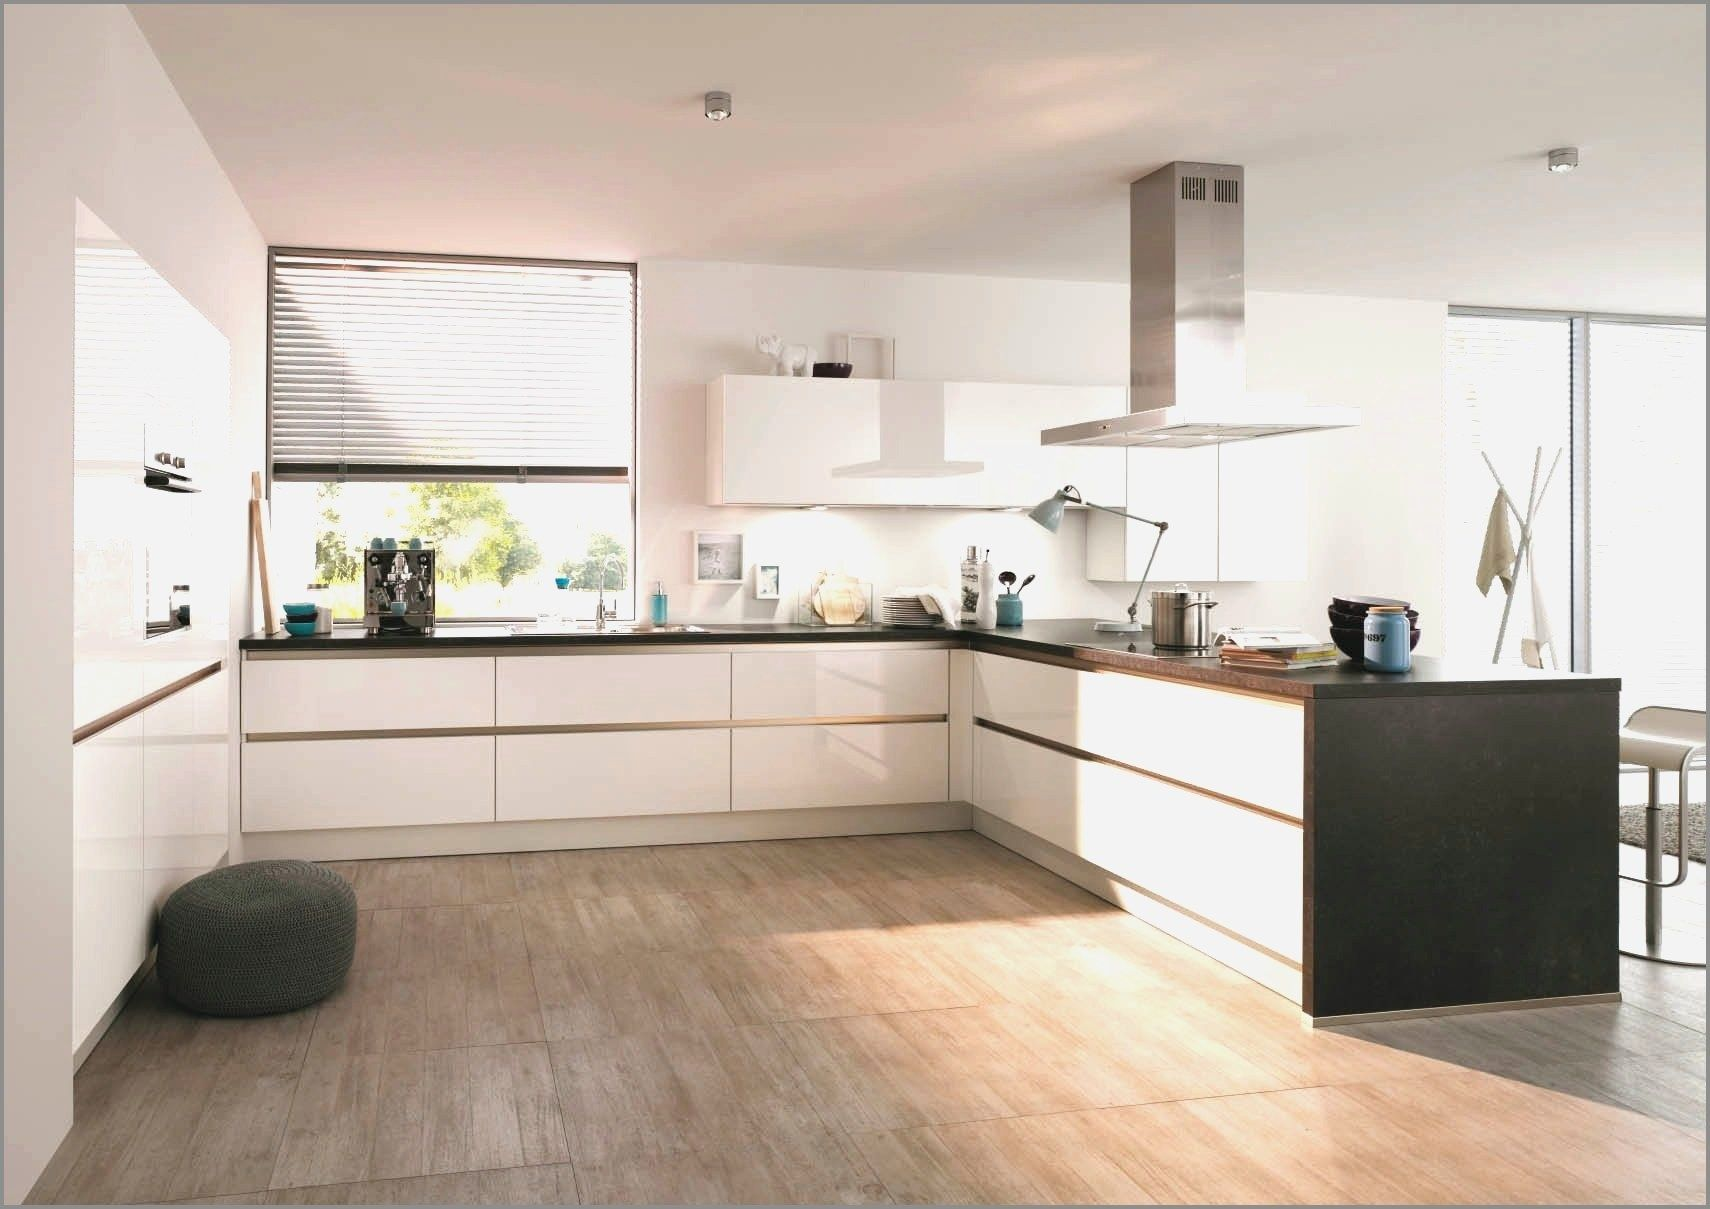 18 Neu Moderne Küchen G form  Kitchen sale, Kitchen cabinets